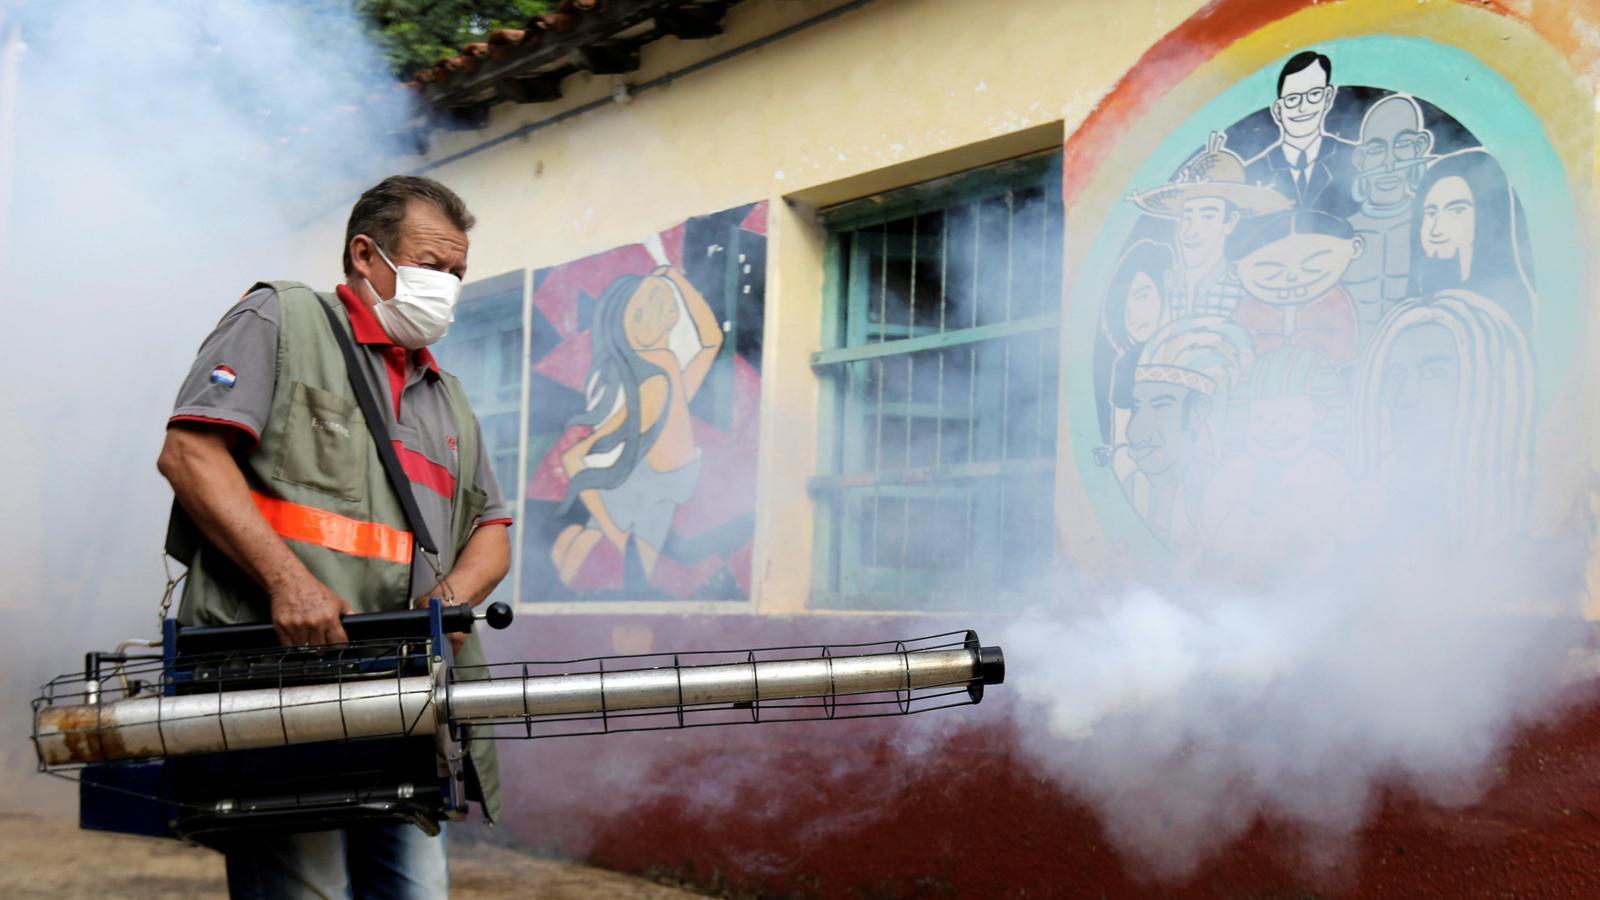 Treballadors de salut fumigant per prevenir la proliferació del mosquit 'aedes aegypti' a San Lorenzo, Paraguai